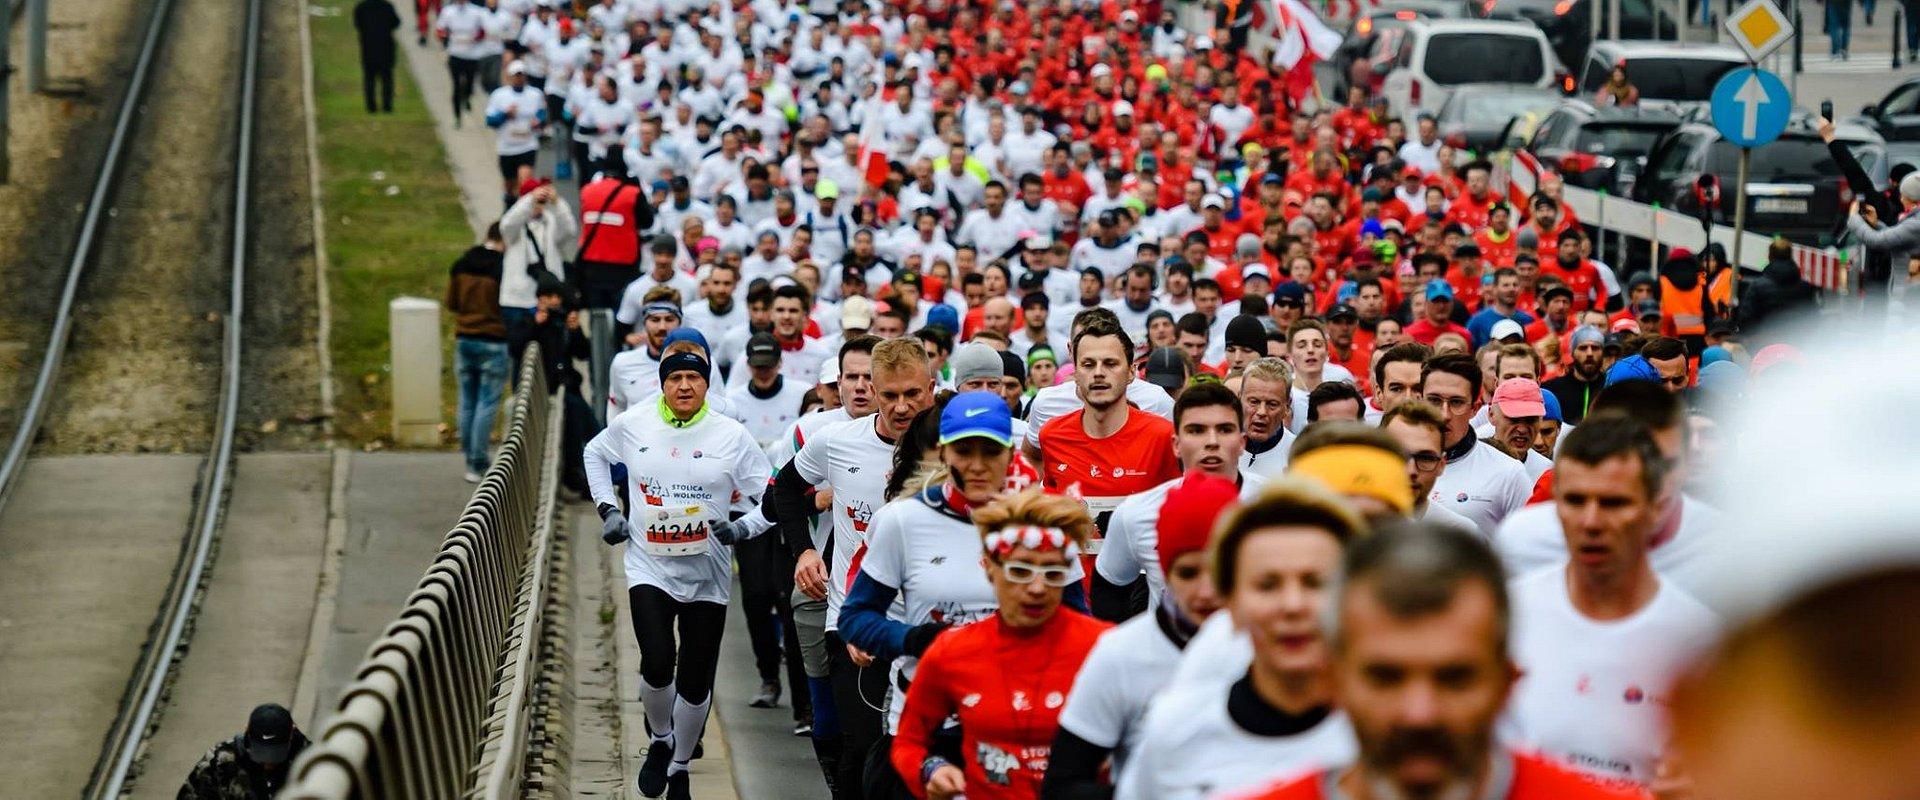 Świętuj z PKO Bankiem Polskim odzyskanie niepodległości na biegowo!